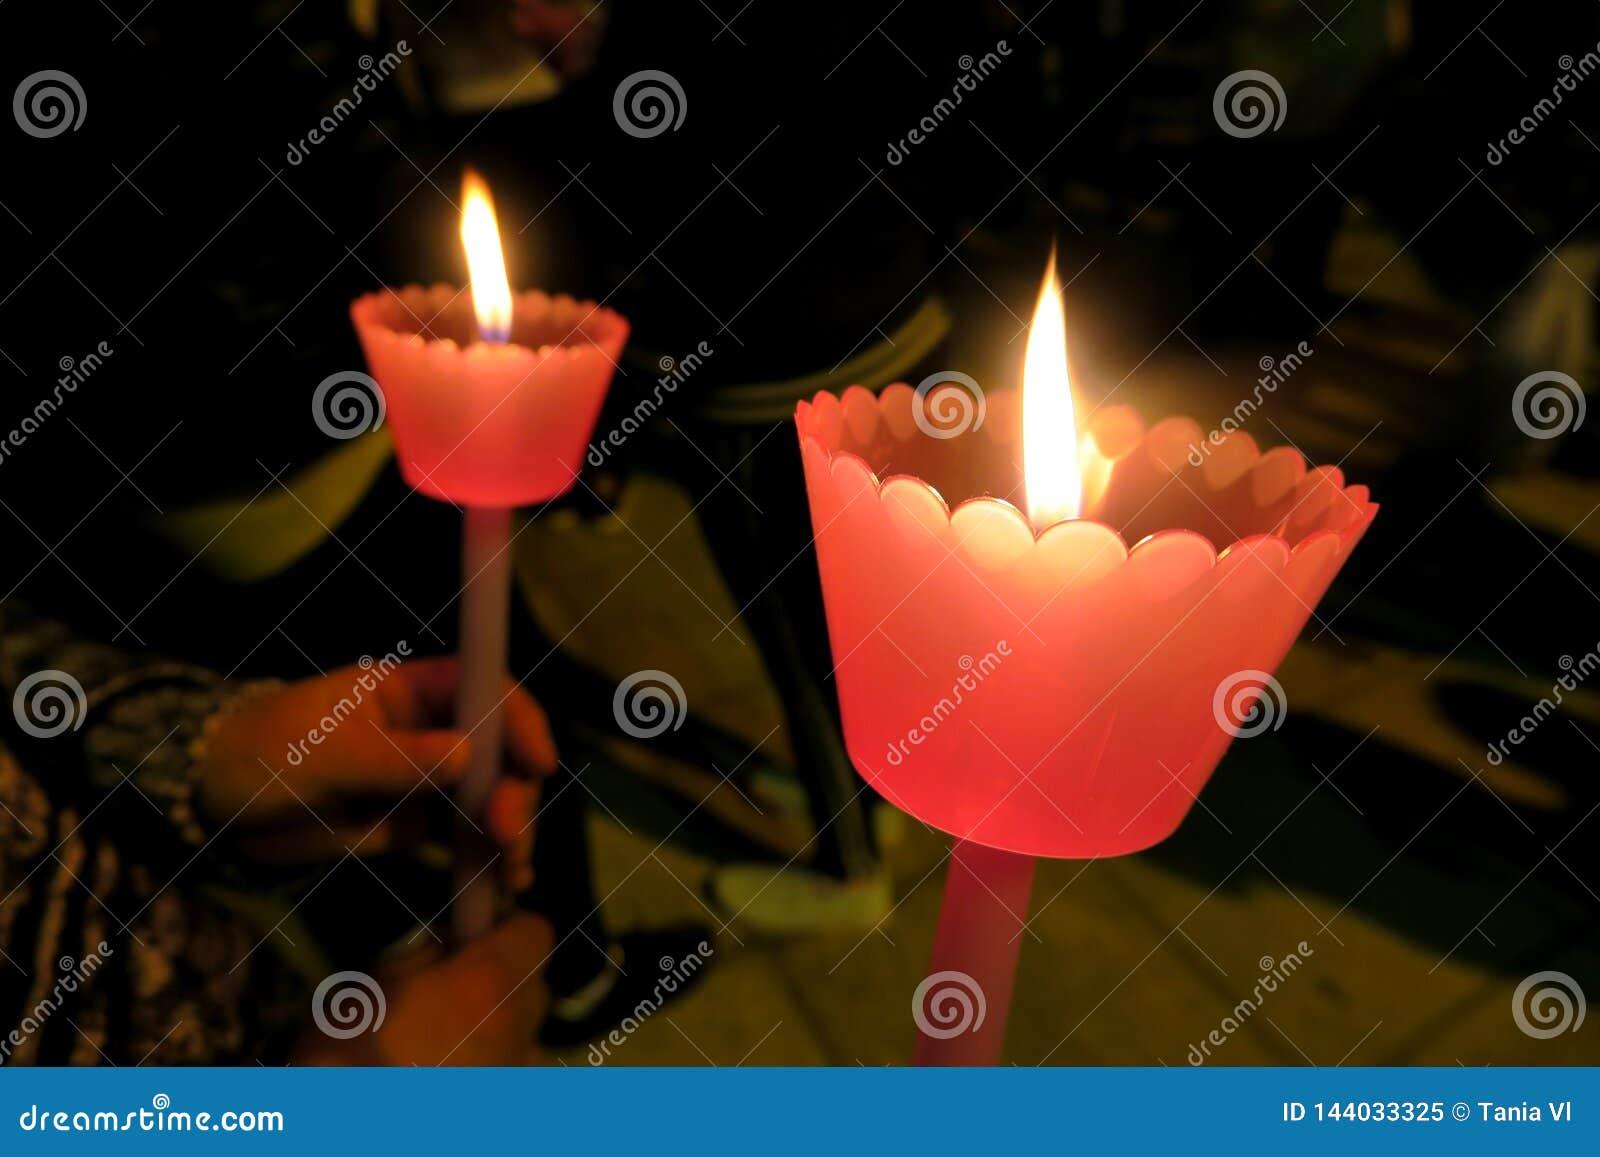 Διακοπές Πάσχας στην Ευρώπη, στην εκκλησία με ένα κερί